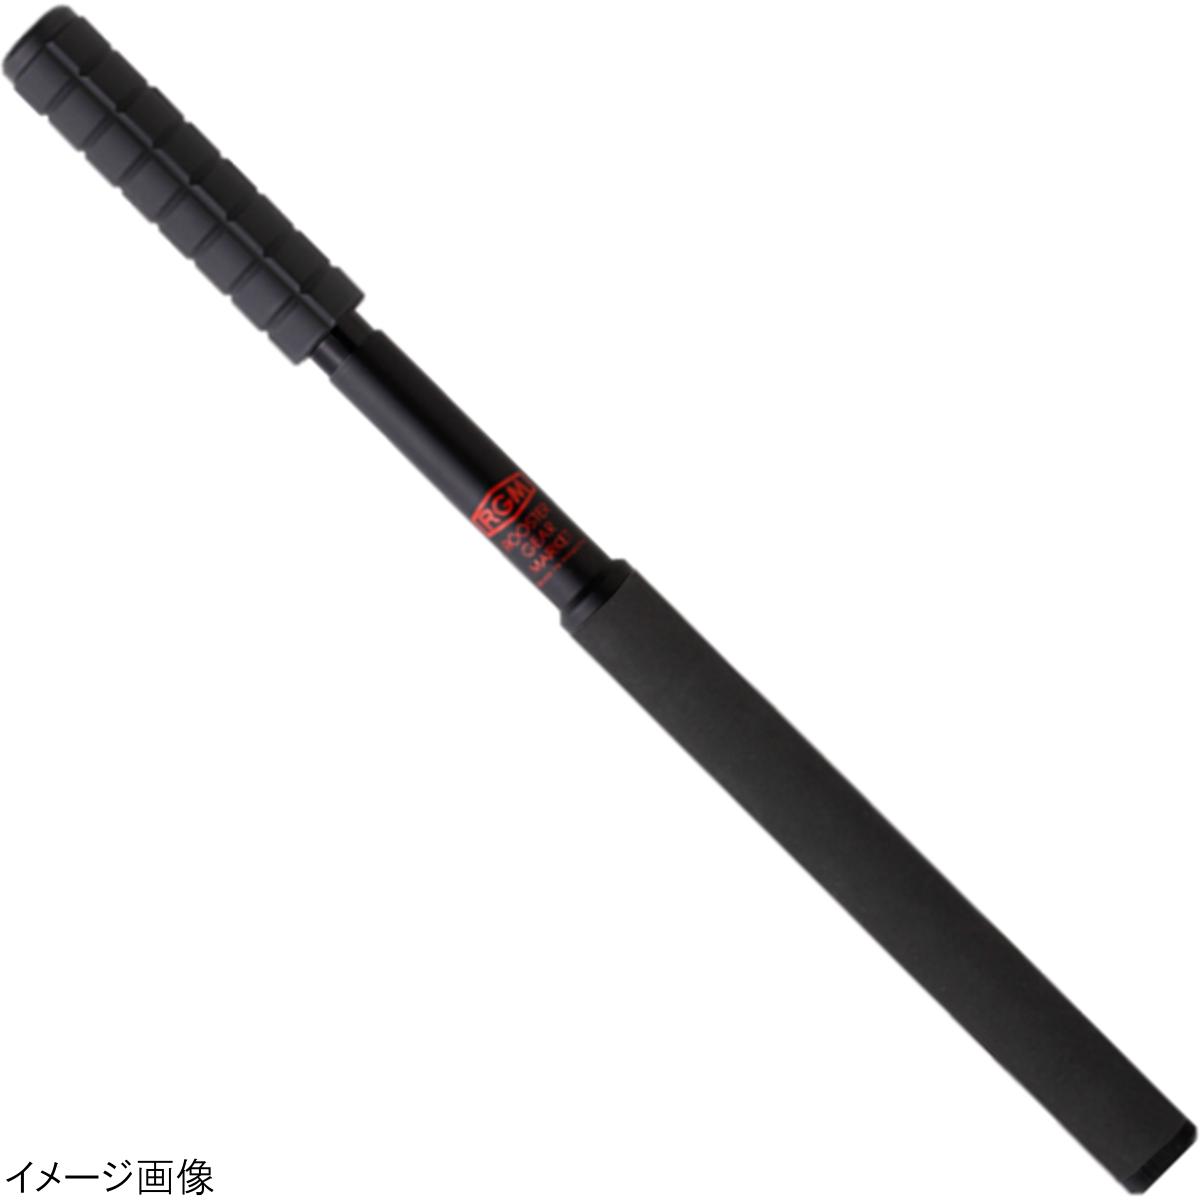 ジャッカル RGM spec.1 210 BLACK